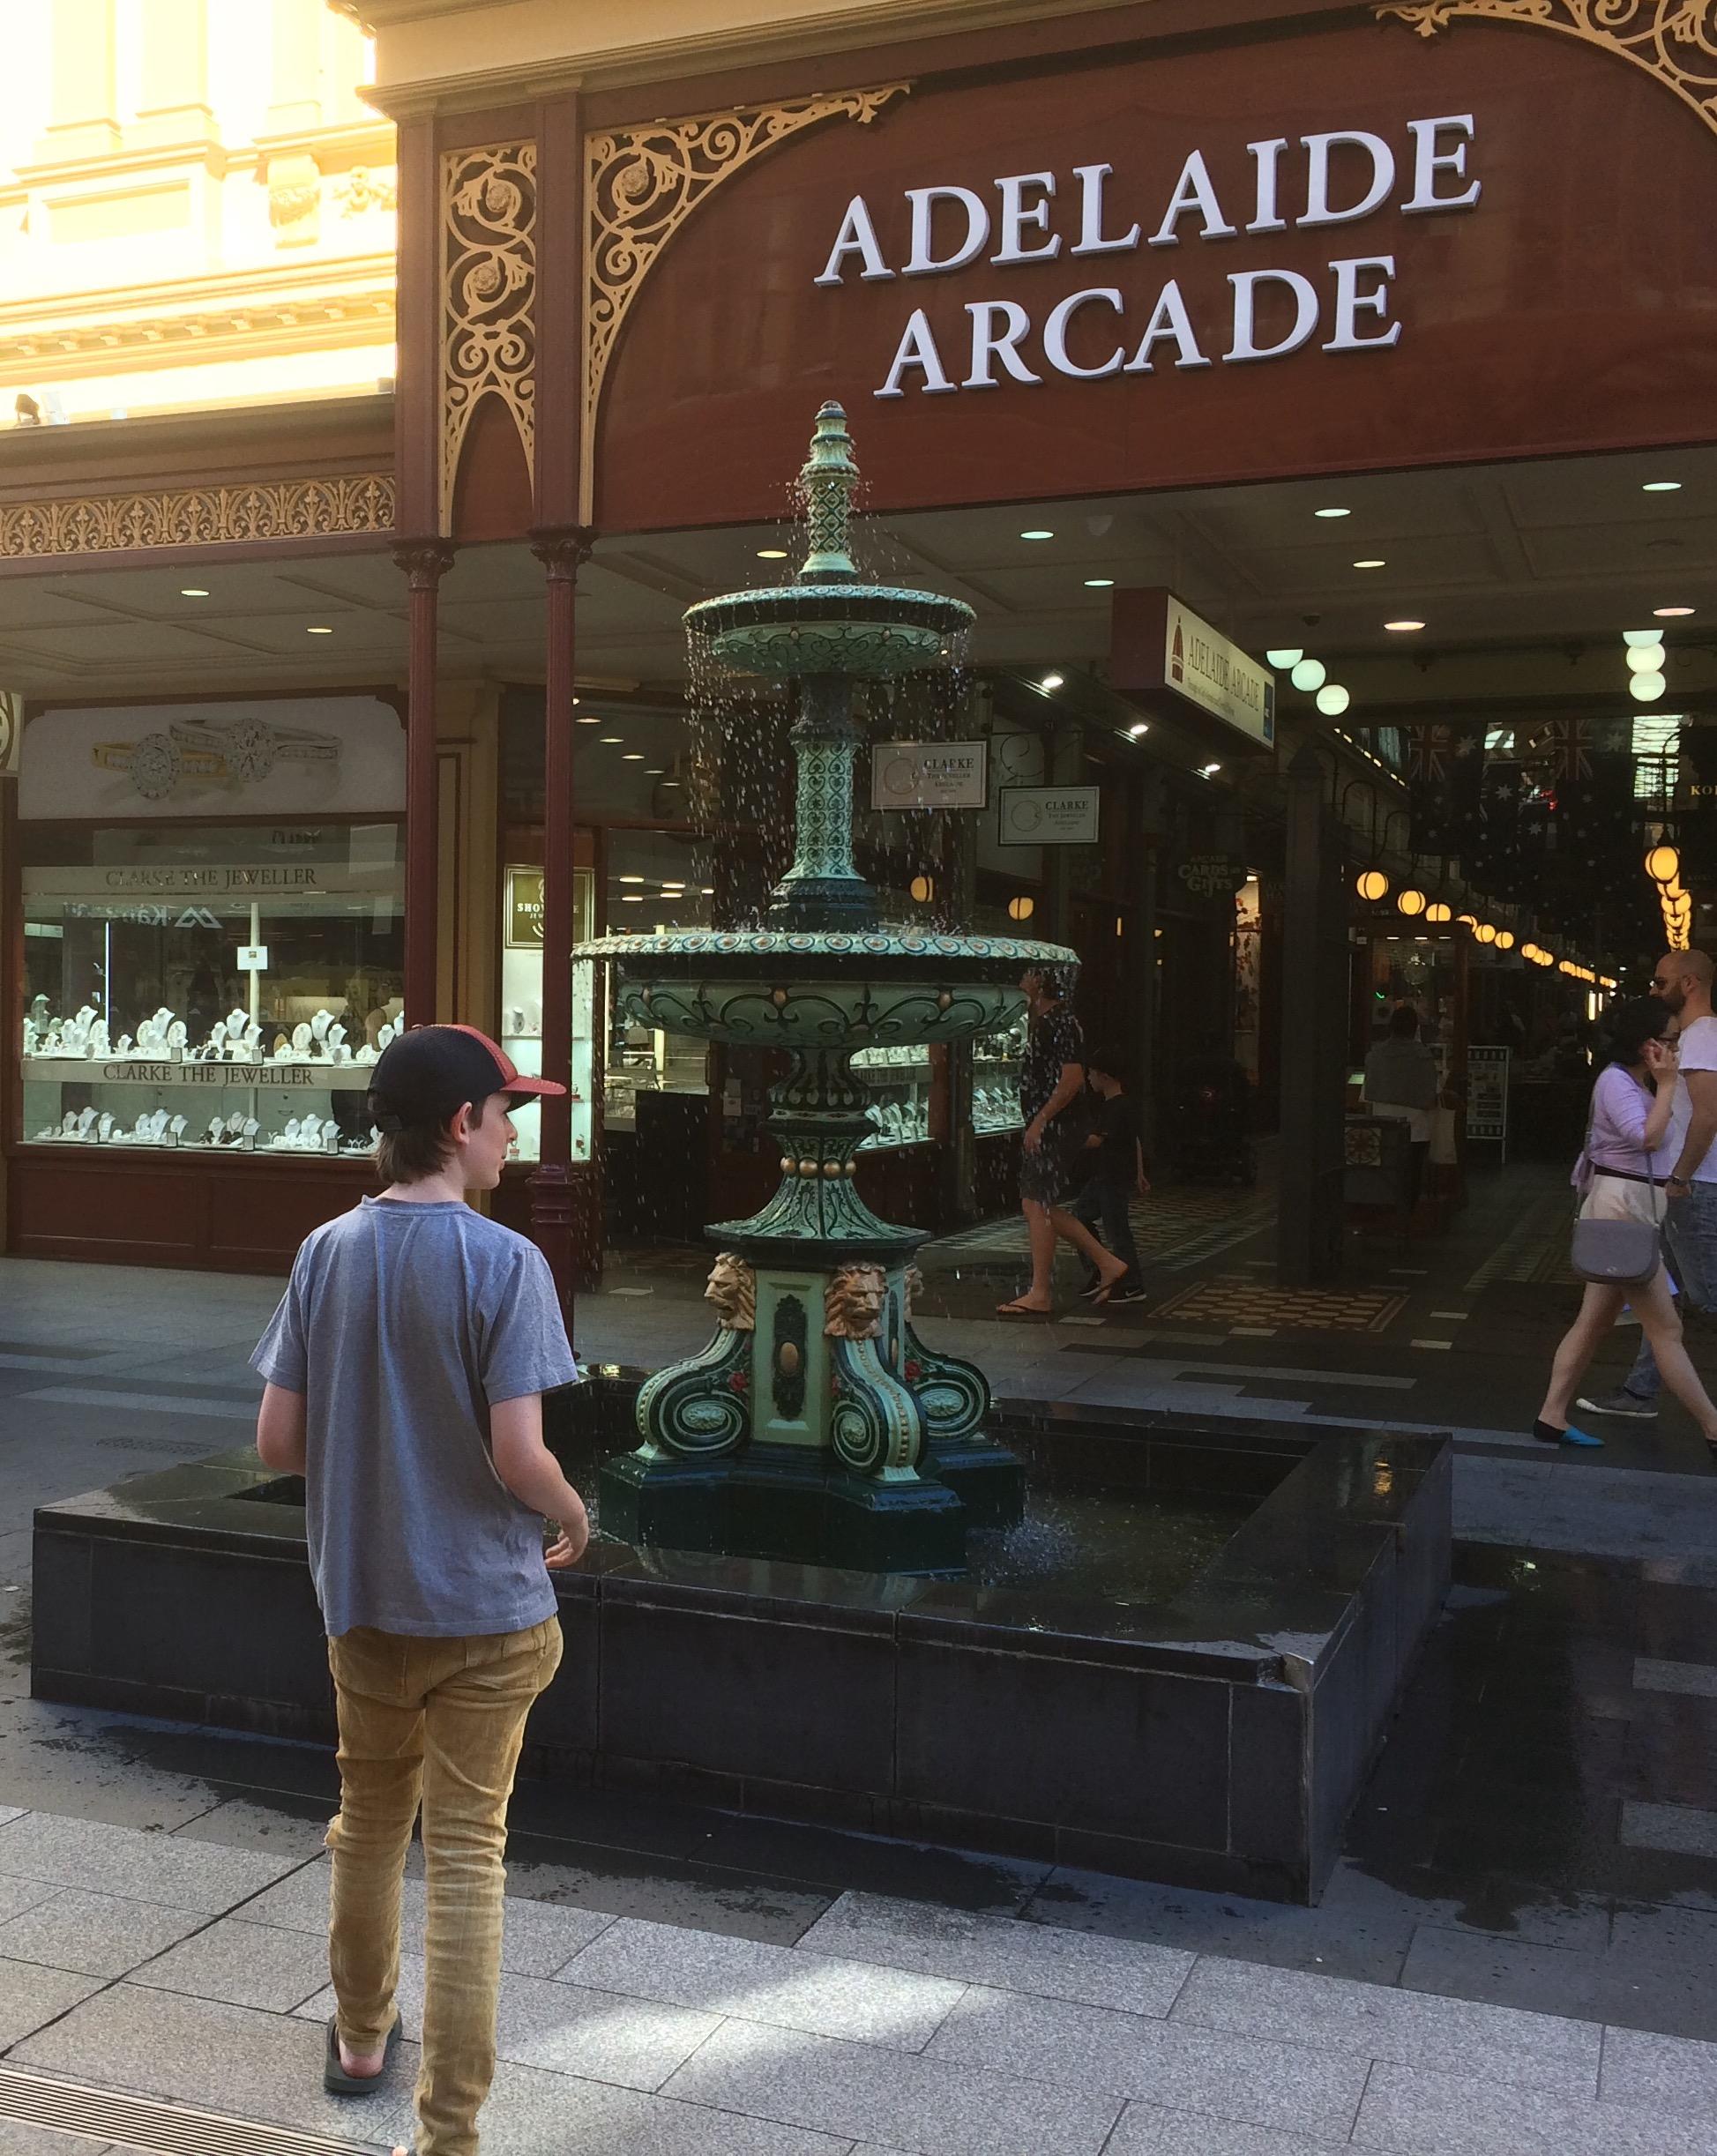 AdelaideArcade